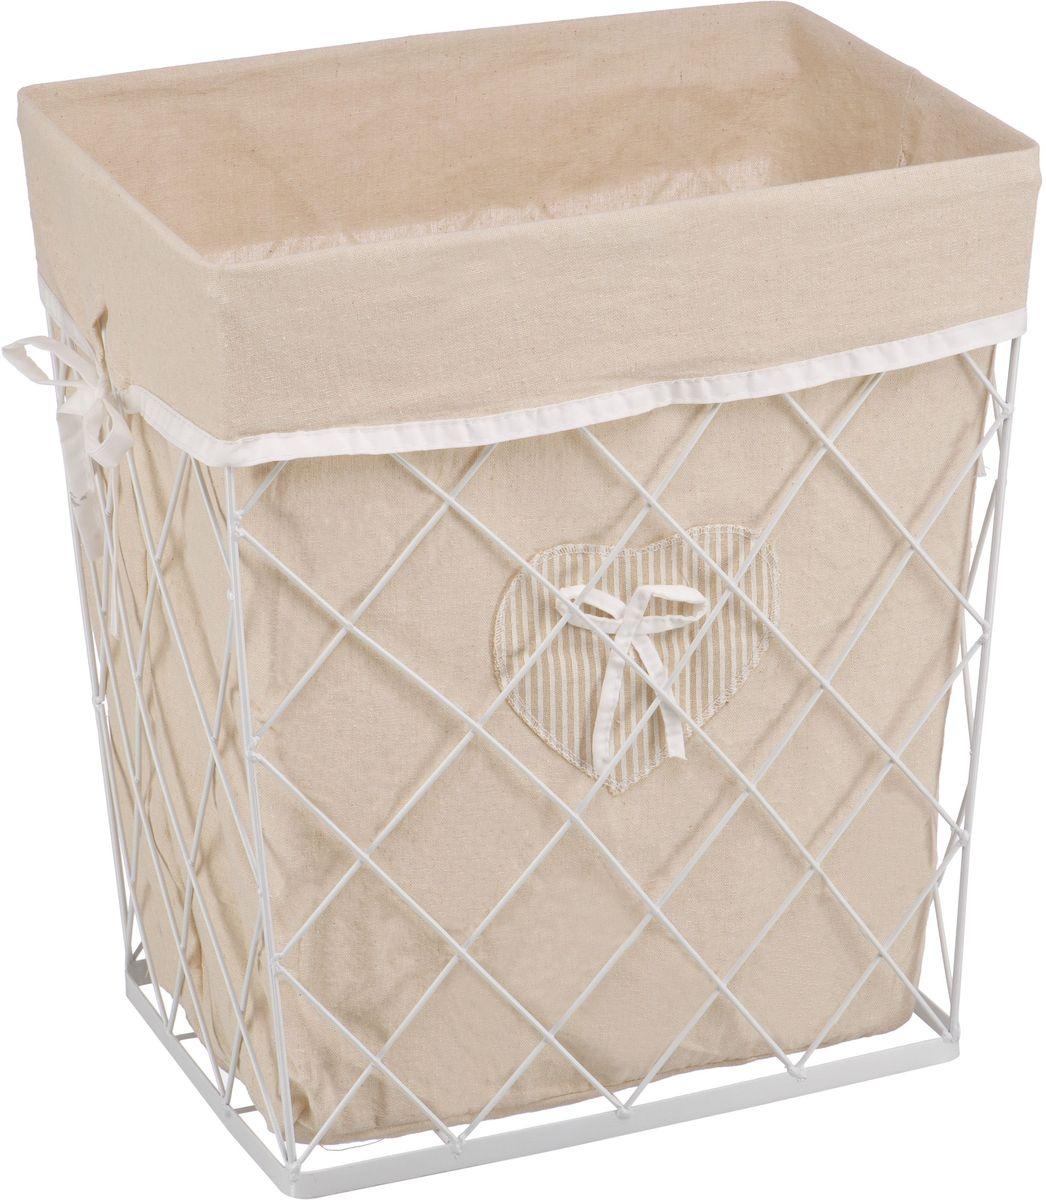 Корзина для белья Handy Home Решетка, открытая, цвет: белый, 42 х 31 х 49 см68/5/4Прямоугольная бельевая корзина Handy Home сделана из металла. В комплекте с корзиной идет съемный чехол с бантиком который легко снимается и стирается. Корзина предназначена для хранения вещей и декоративного оформления помещения.